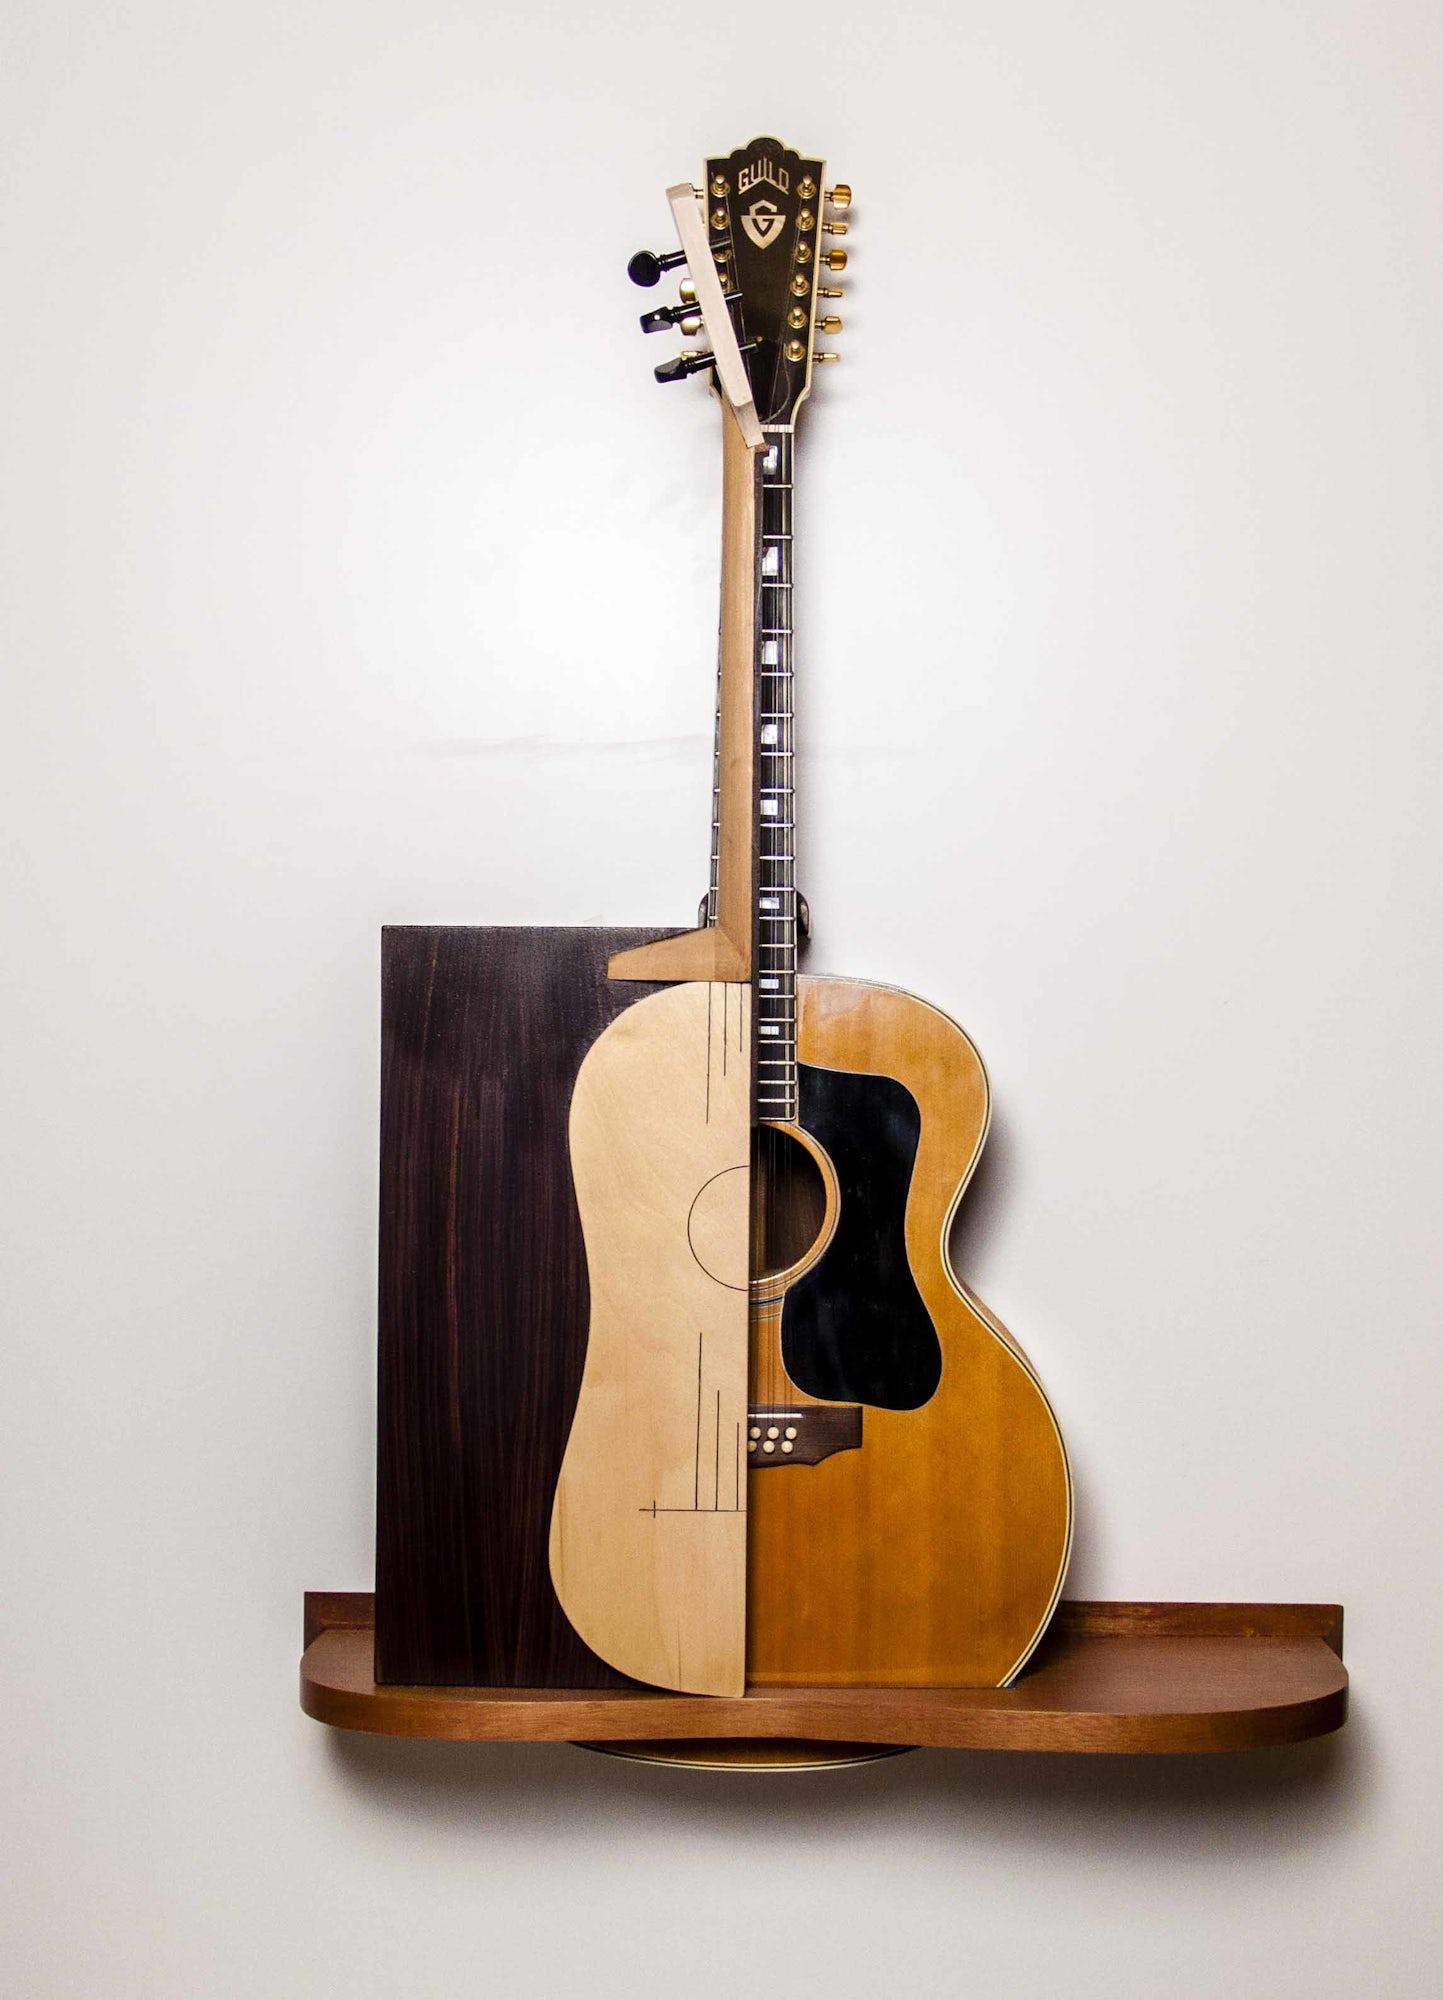 Guitar-Stand-a-la-Picasso